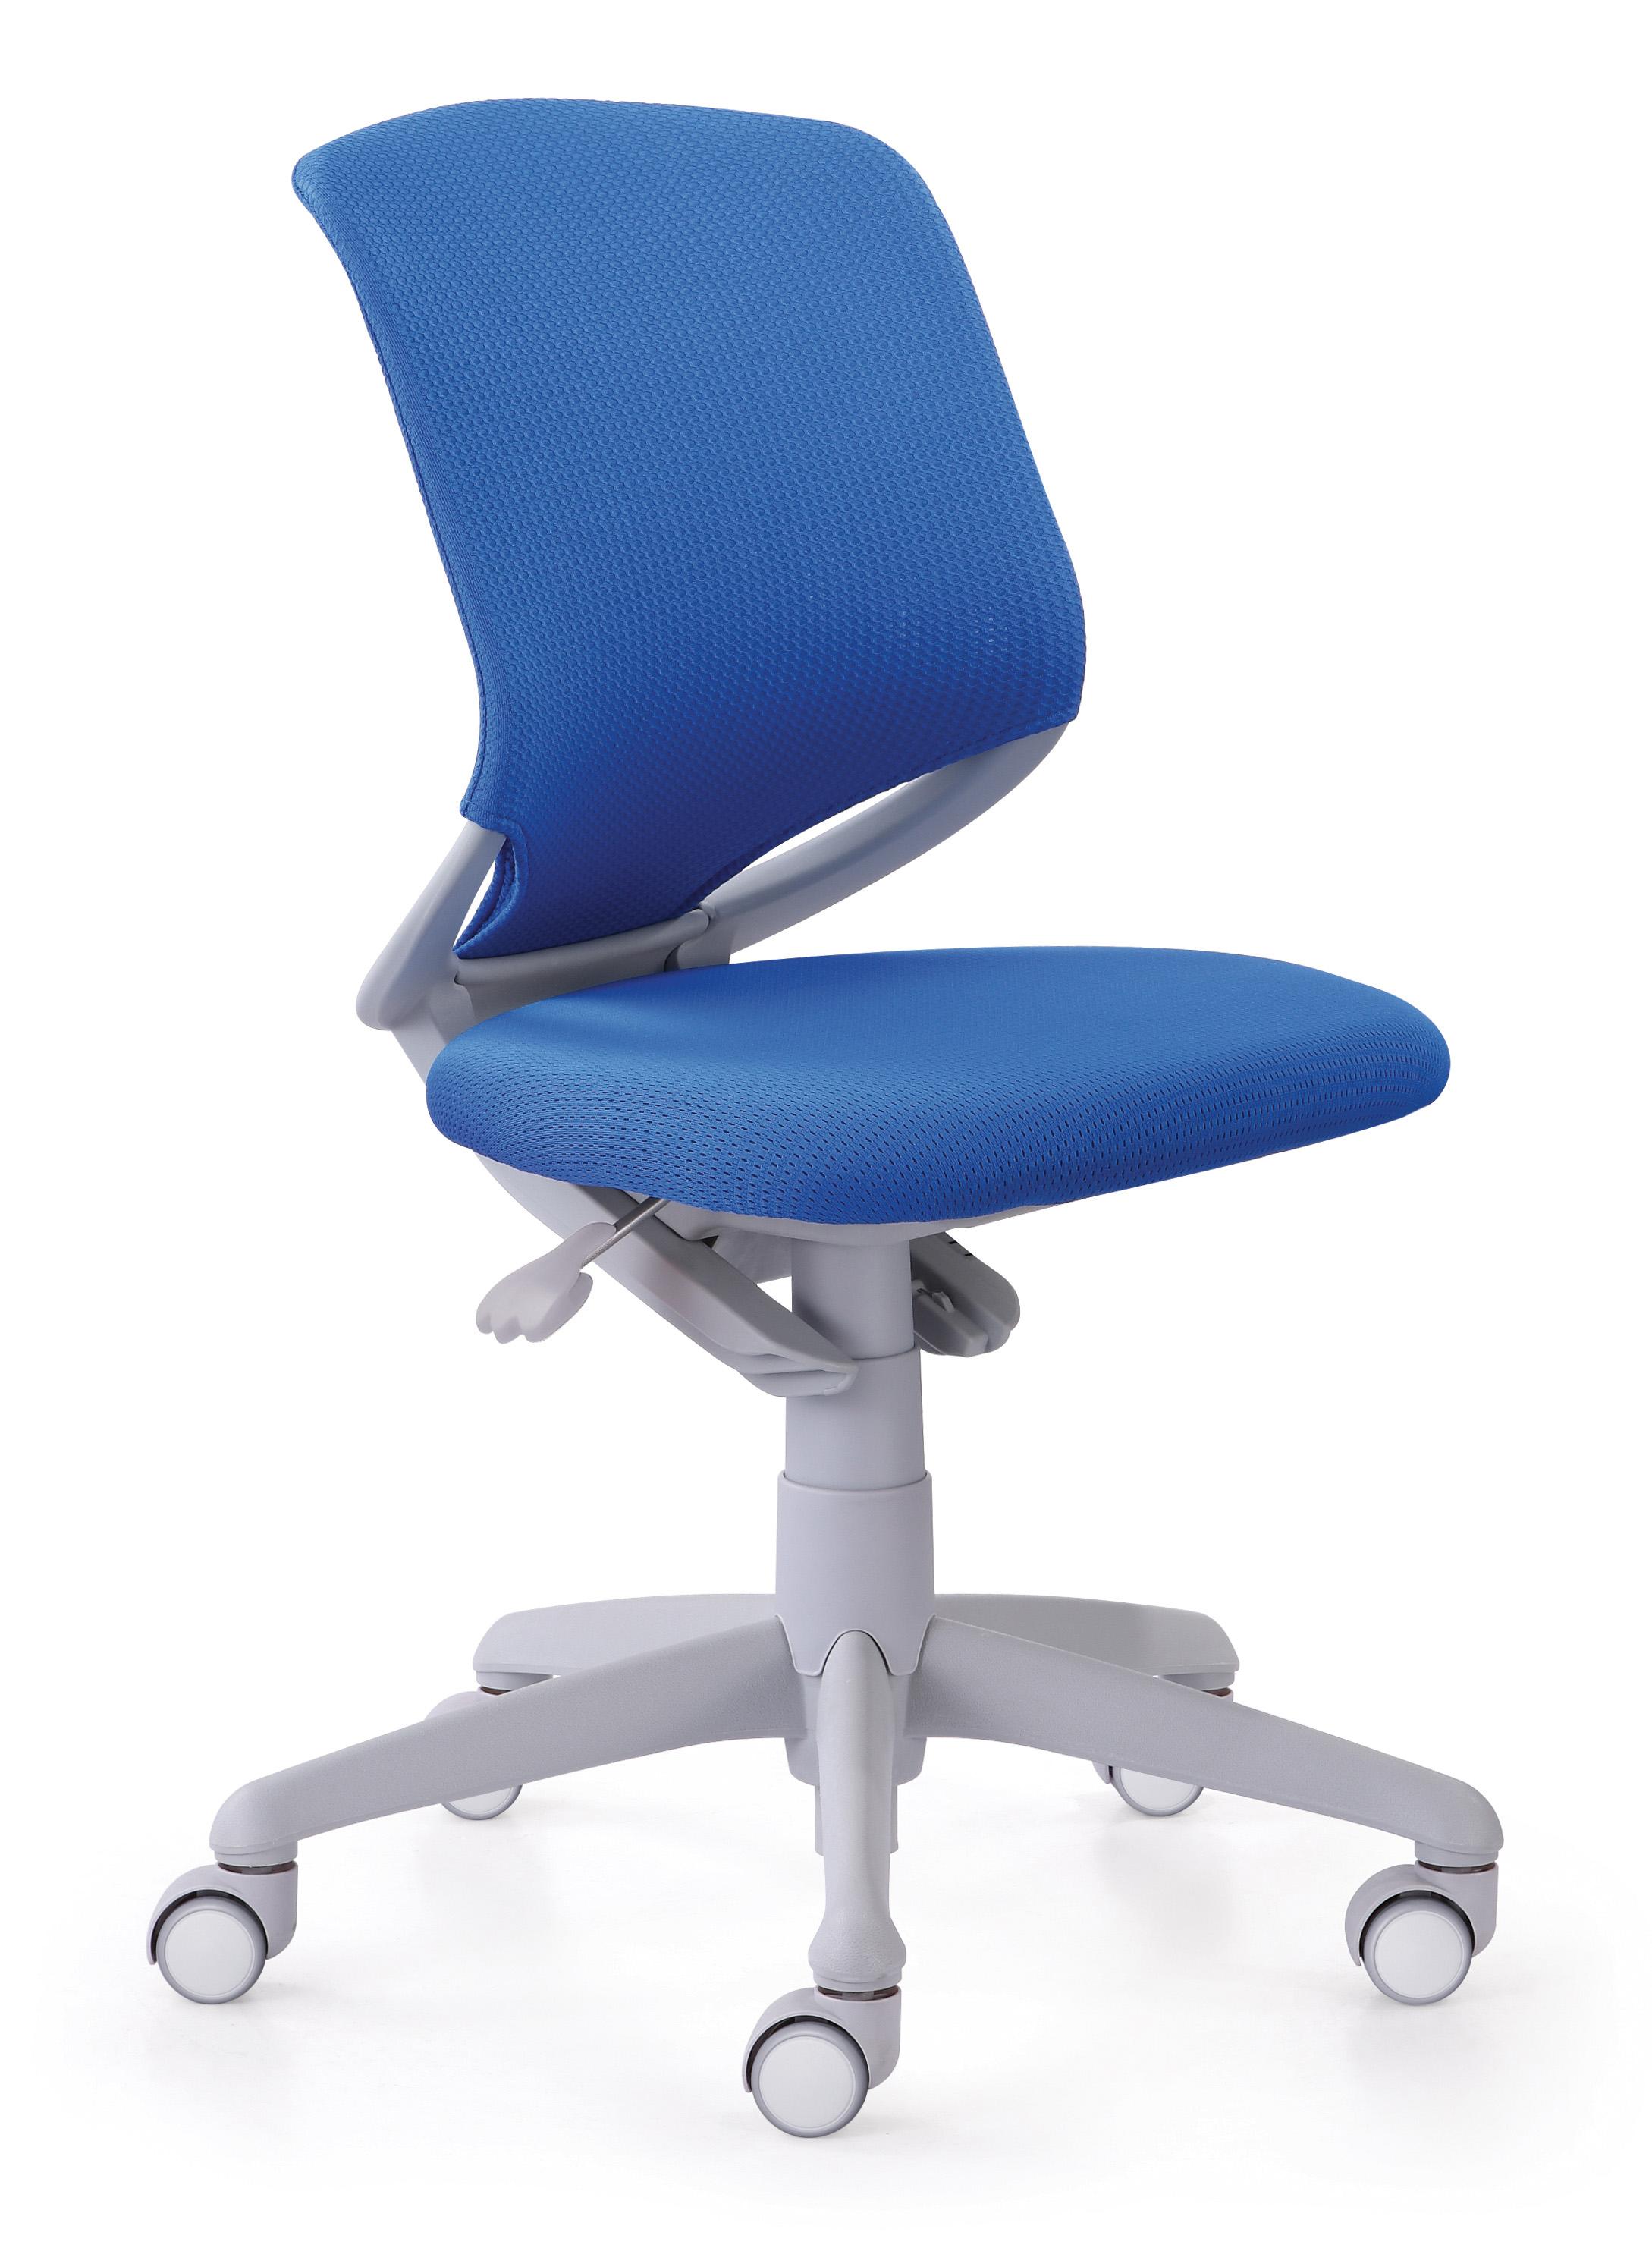 MAYER Rostoucí židle SMARTY 2416 02 (modrá)